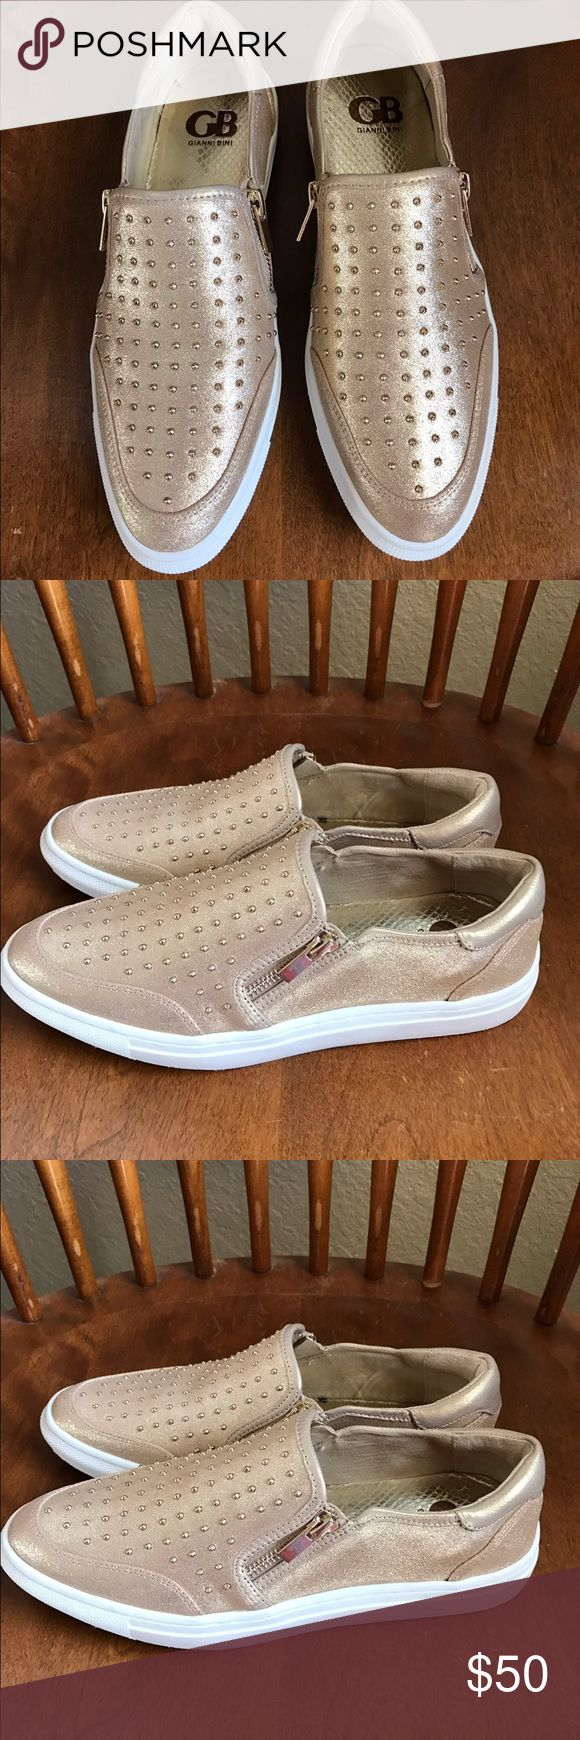 🌸Gianni Bini🌸 NWOT Gianni Bini gold studded sneakers with zippers. Gianni Bini Shoes Sneakers